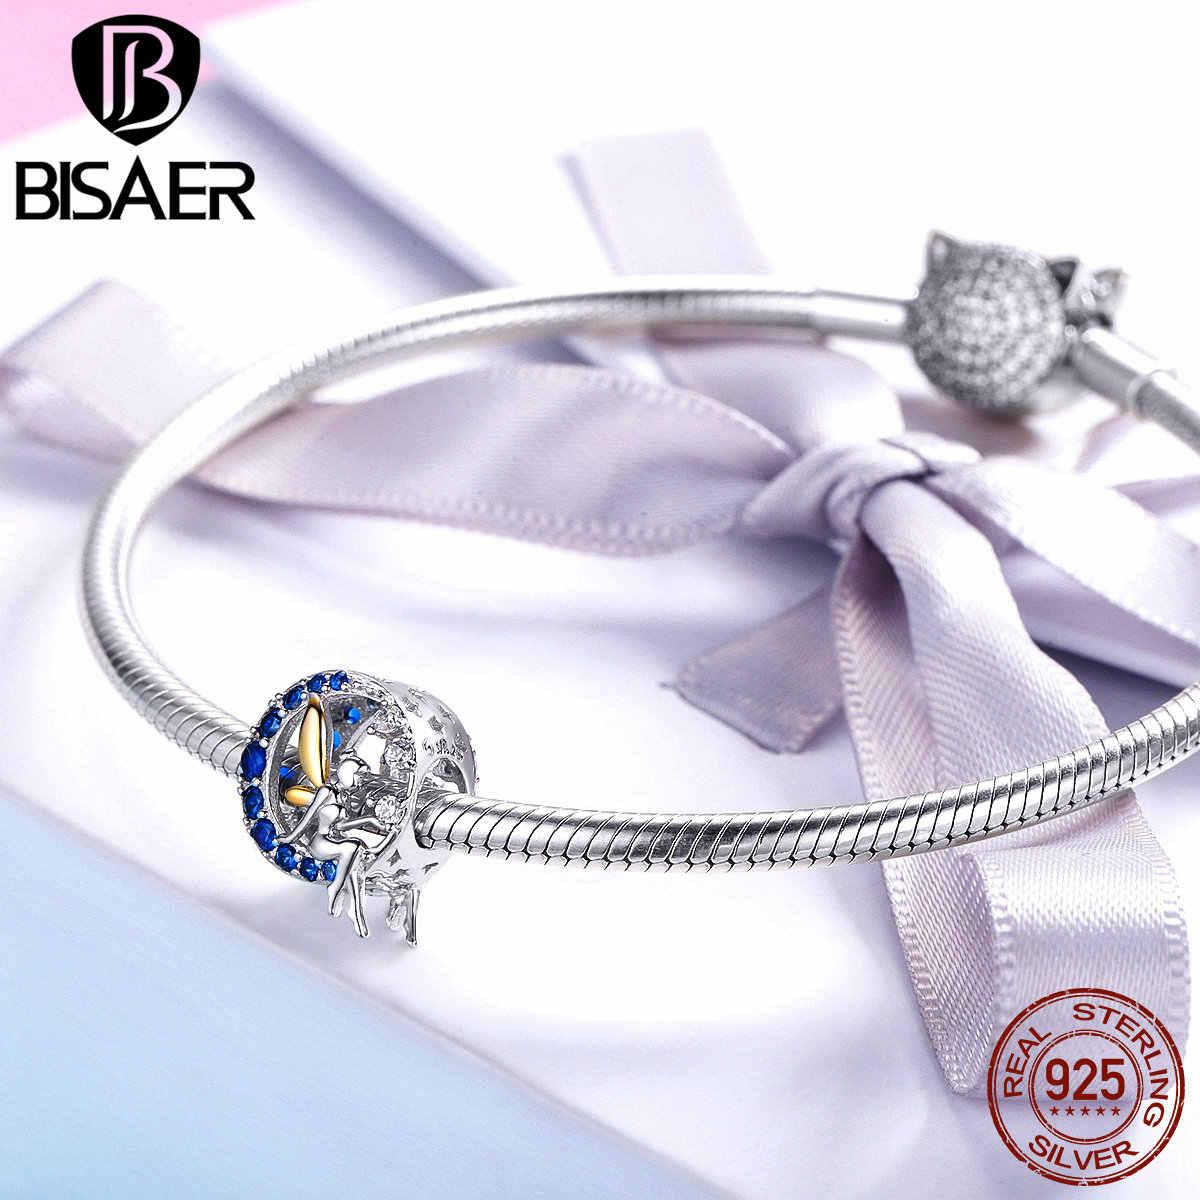 Bisaer pingentes de prata, conta redonda para pulseiras, joias efc070, 2019